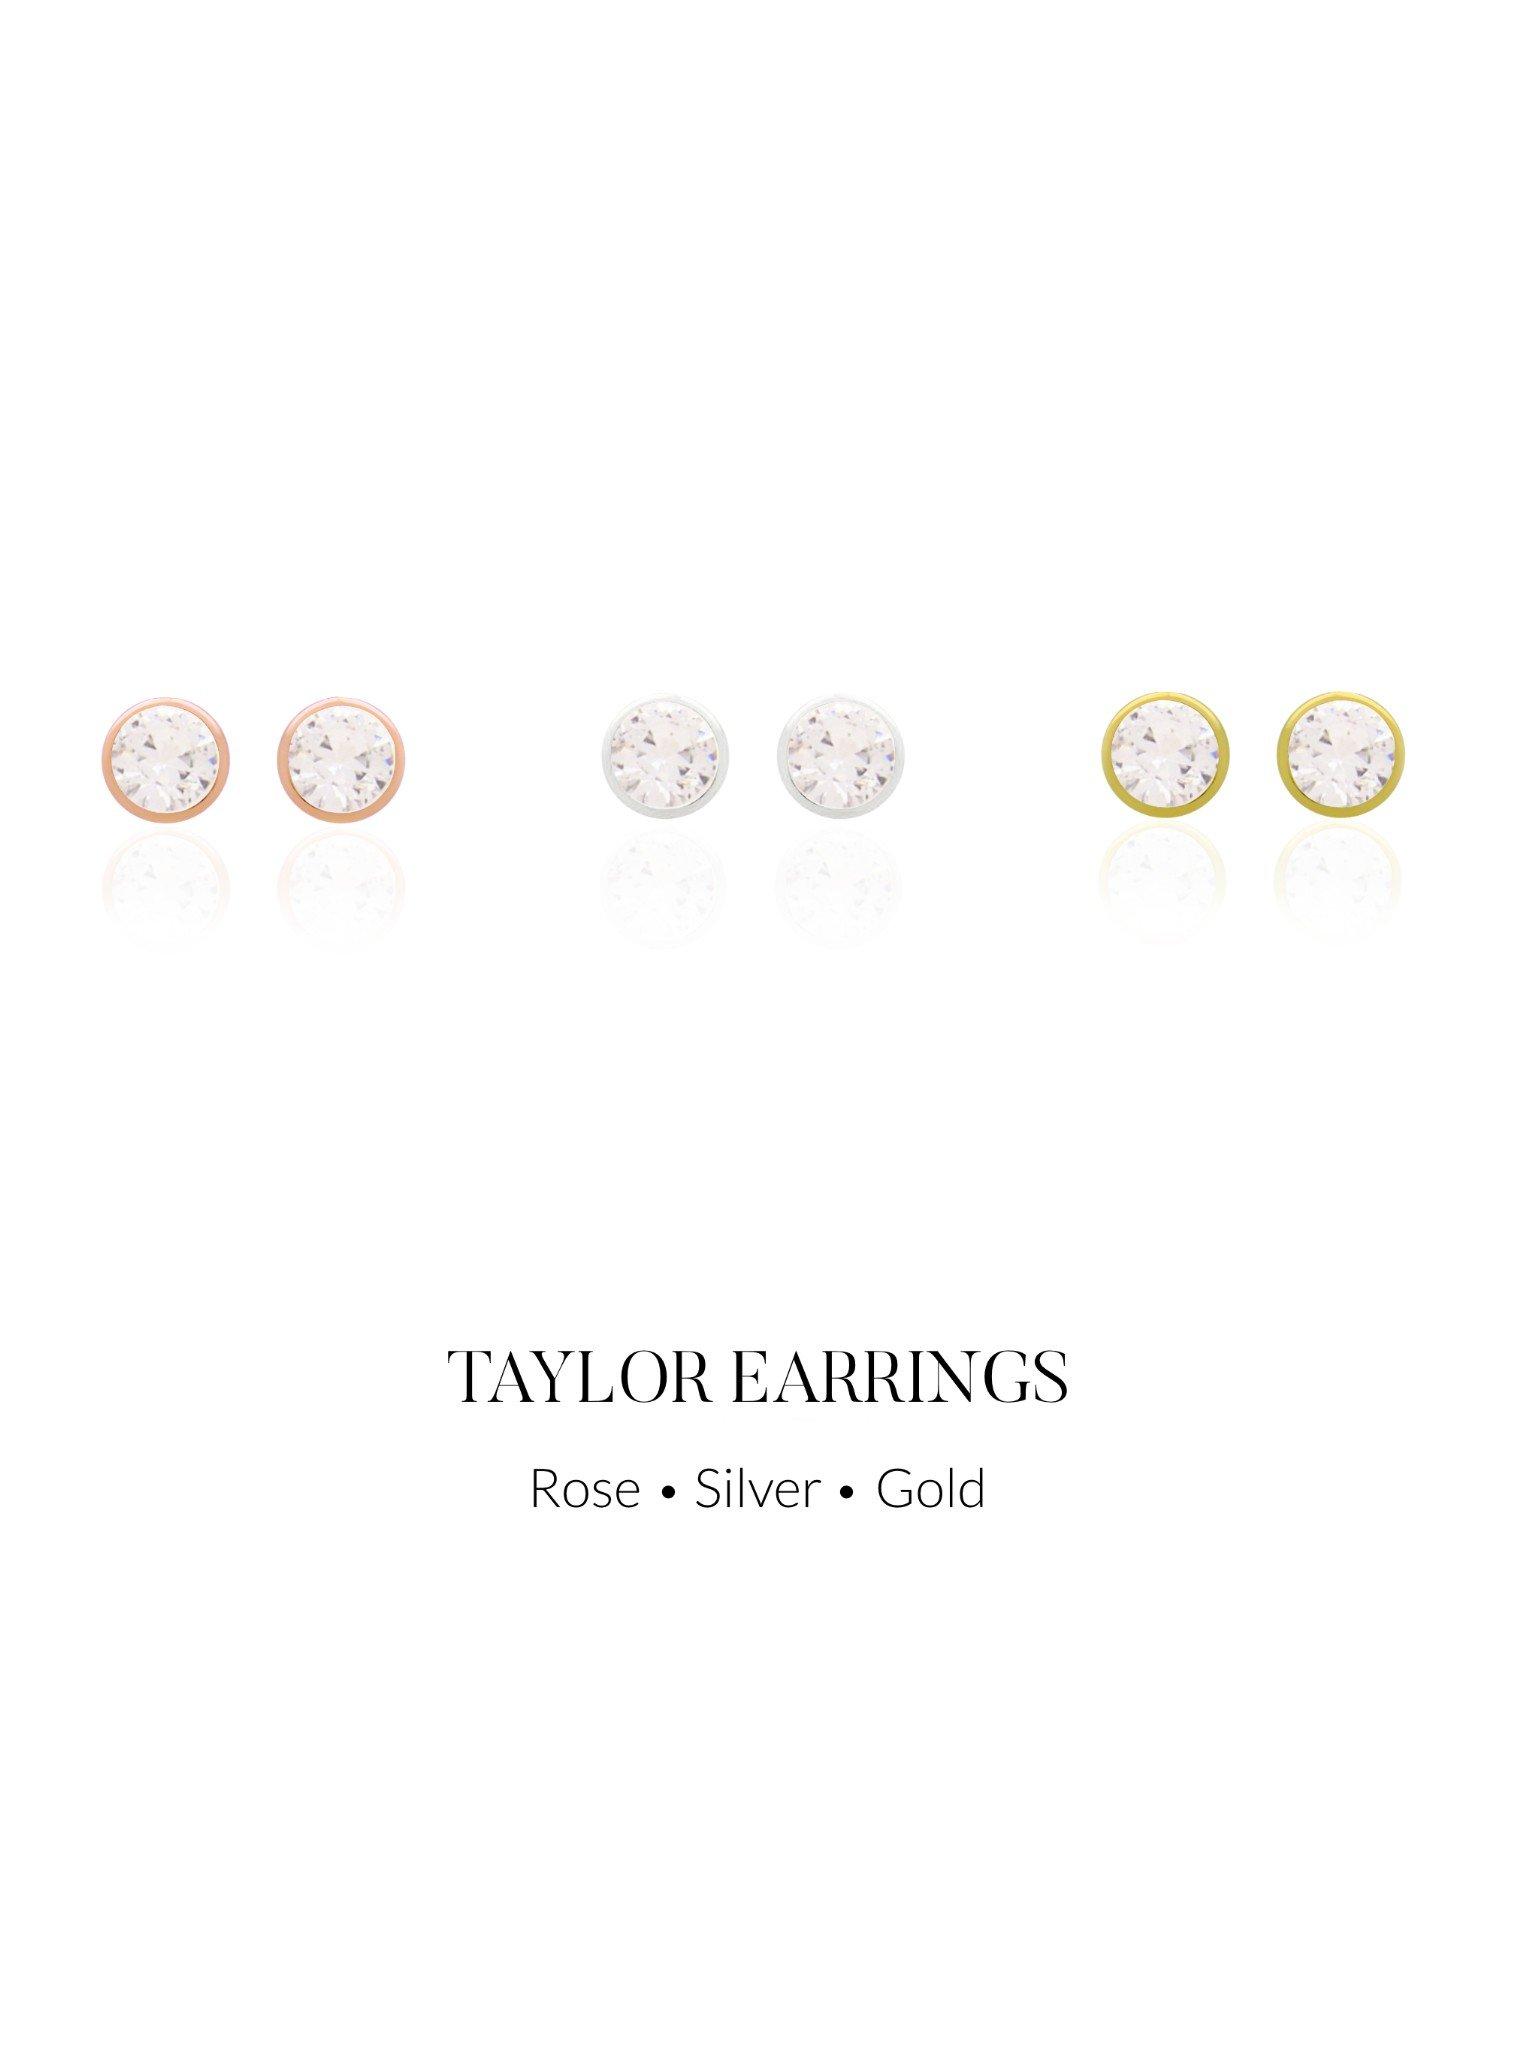 Taylor 4mm CZ Stud Earrings in Sterling Silver